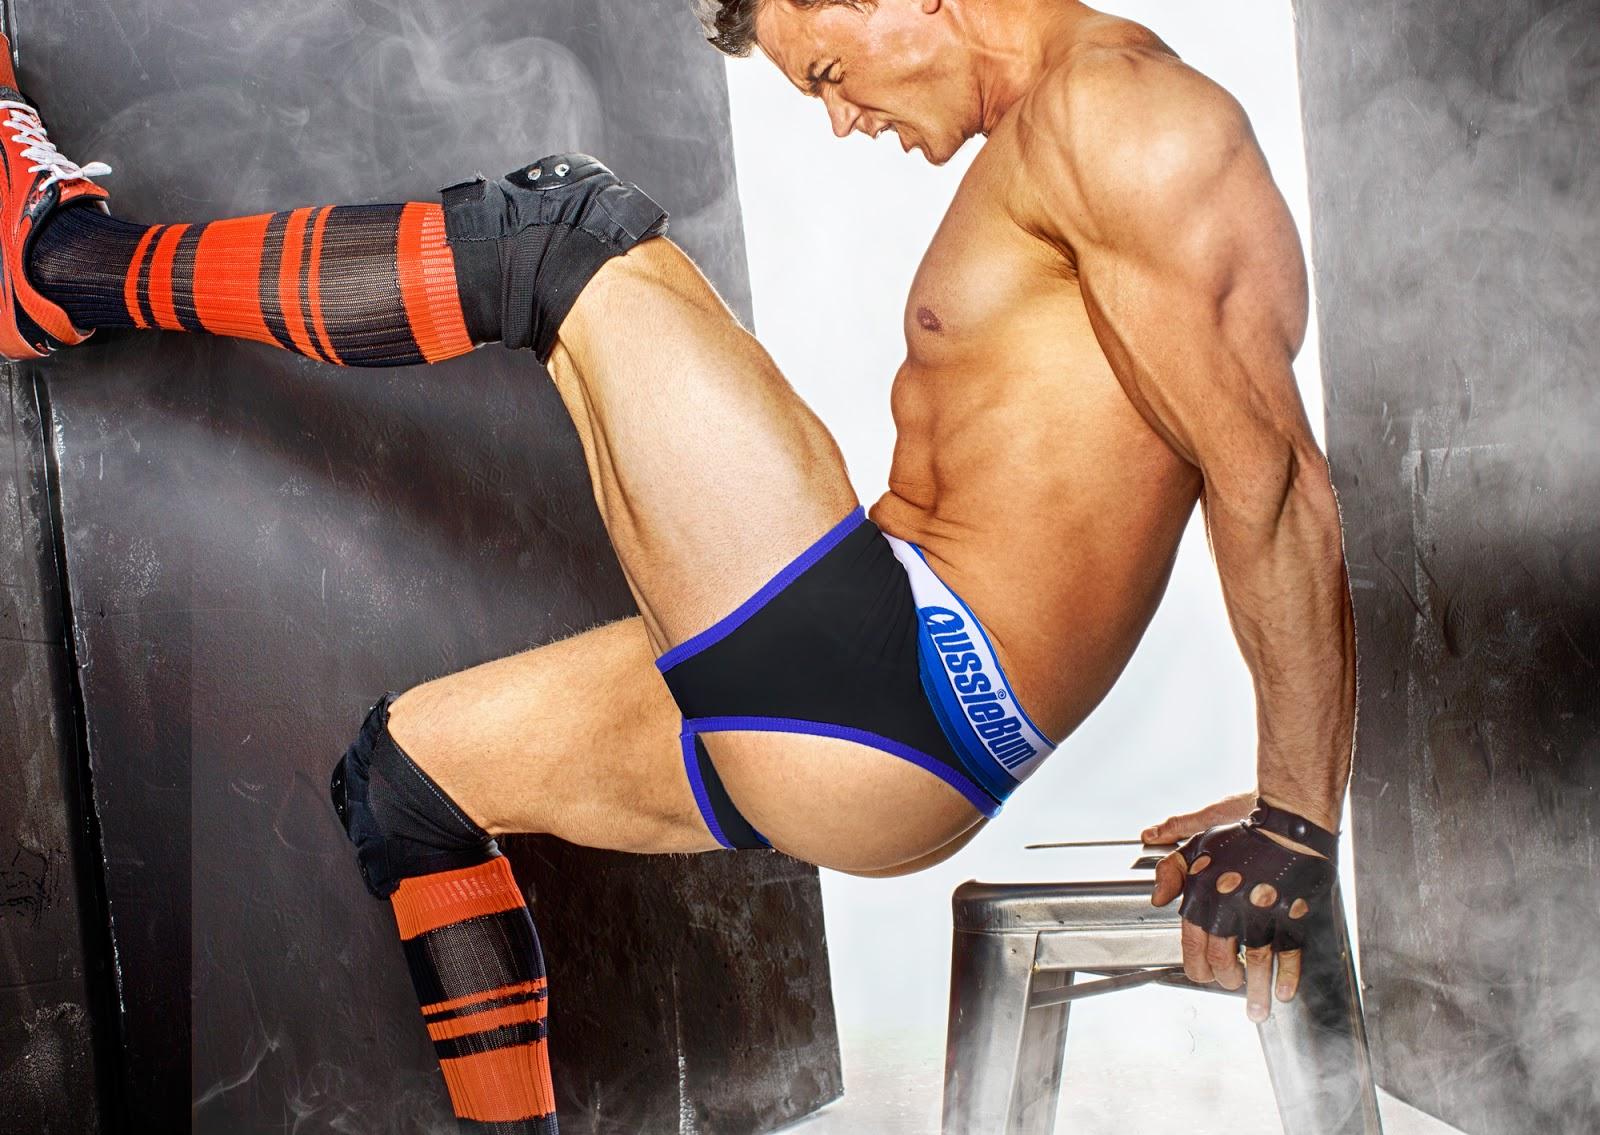 AussieBum releases the innovative Breakout underwear range ...